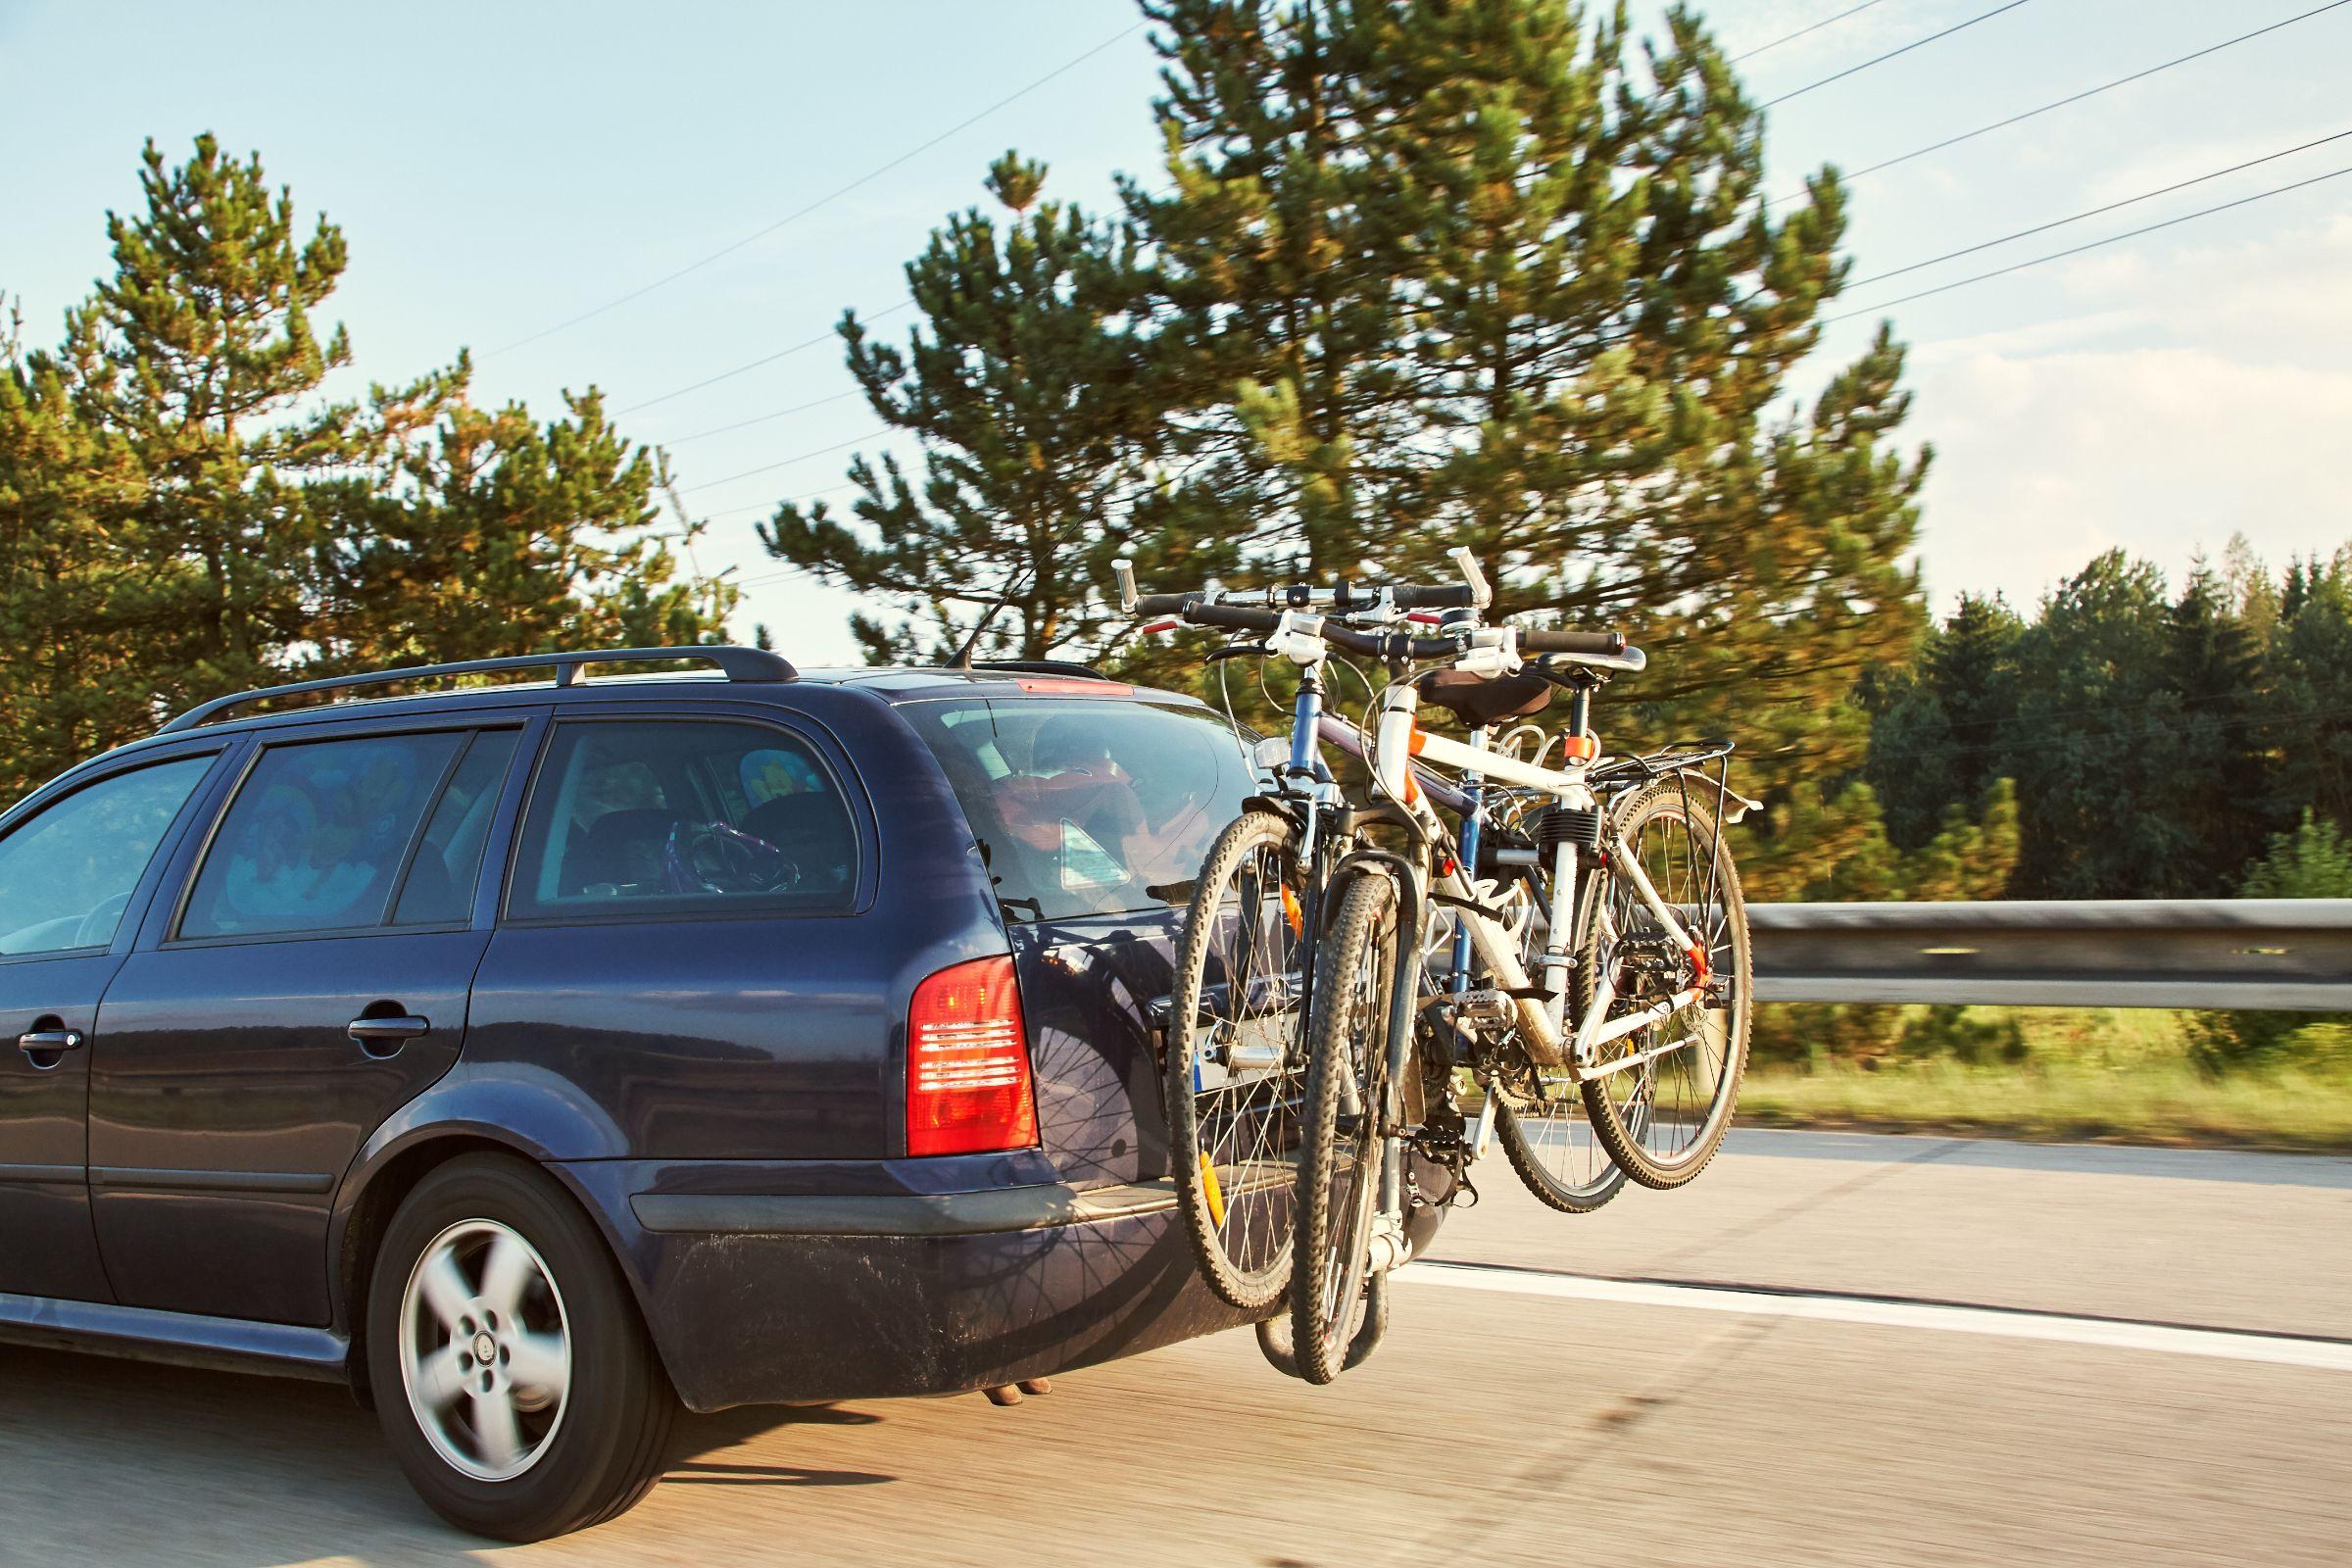 Transportar bicicletas não é tarefa simples... Para facilitar para os motoristas, o Contran fez uma resolução específica para o assunto.